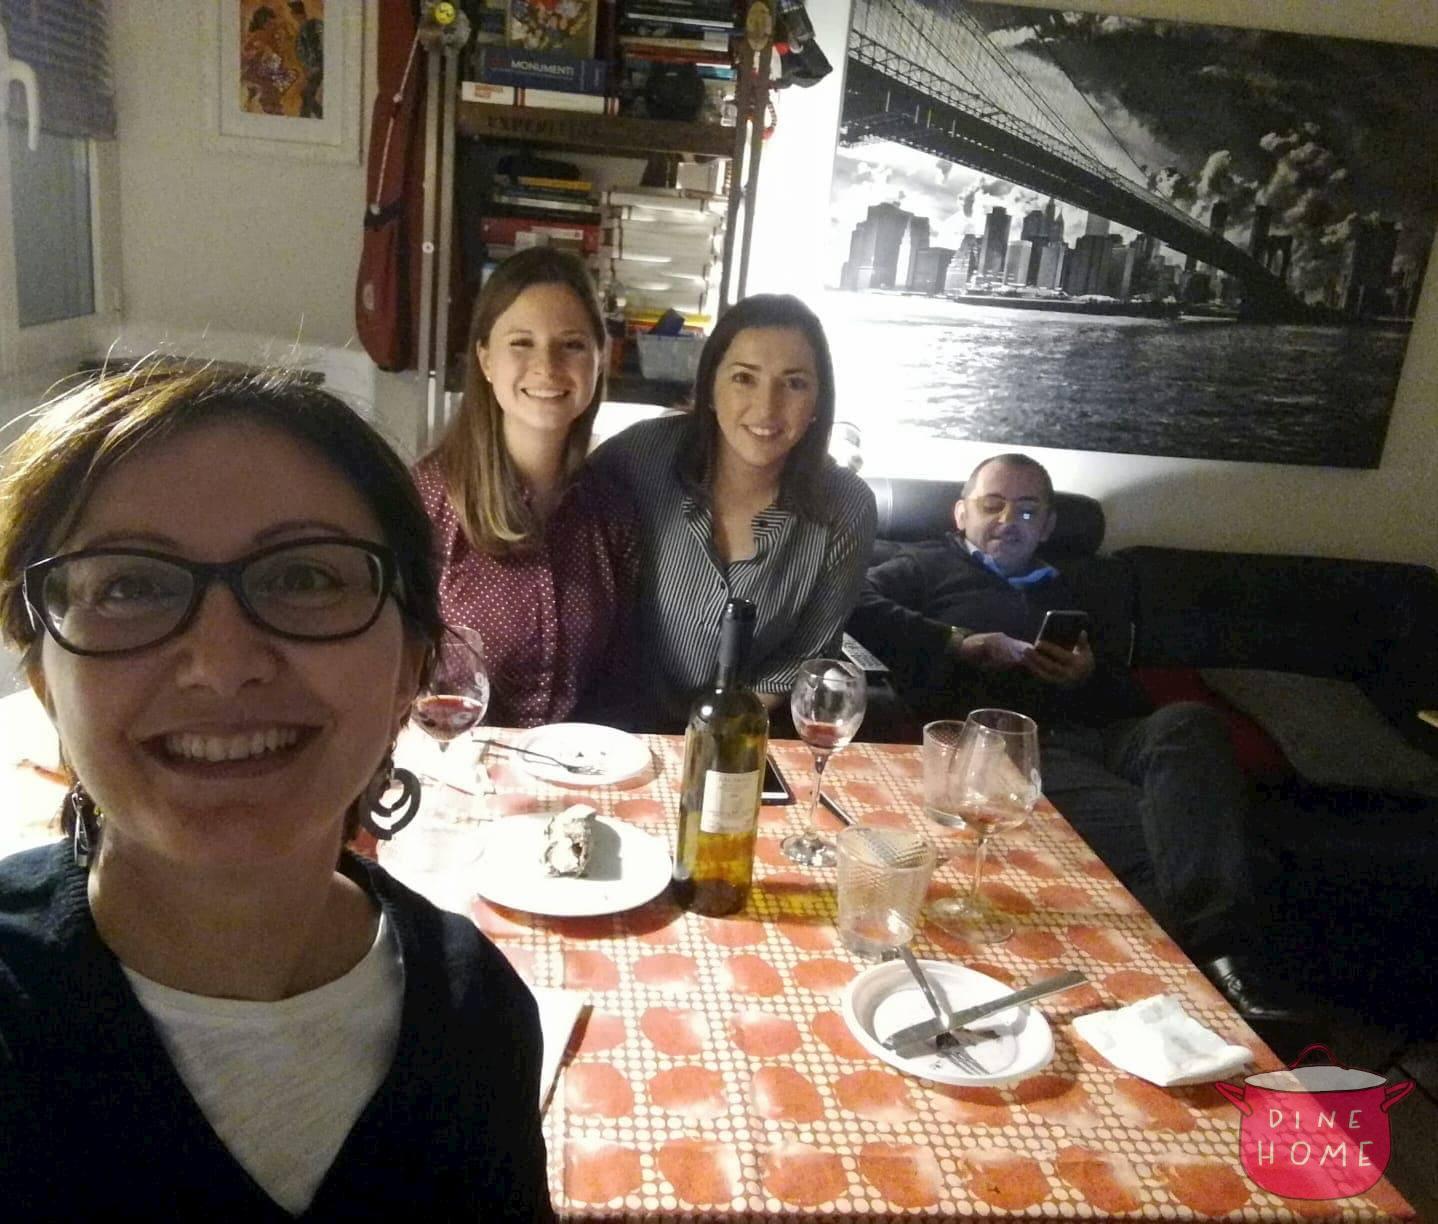 Annalena, studentessa tedesca, a cena dalla sua famiglia Dinehome.